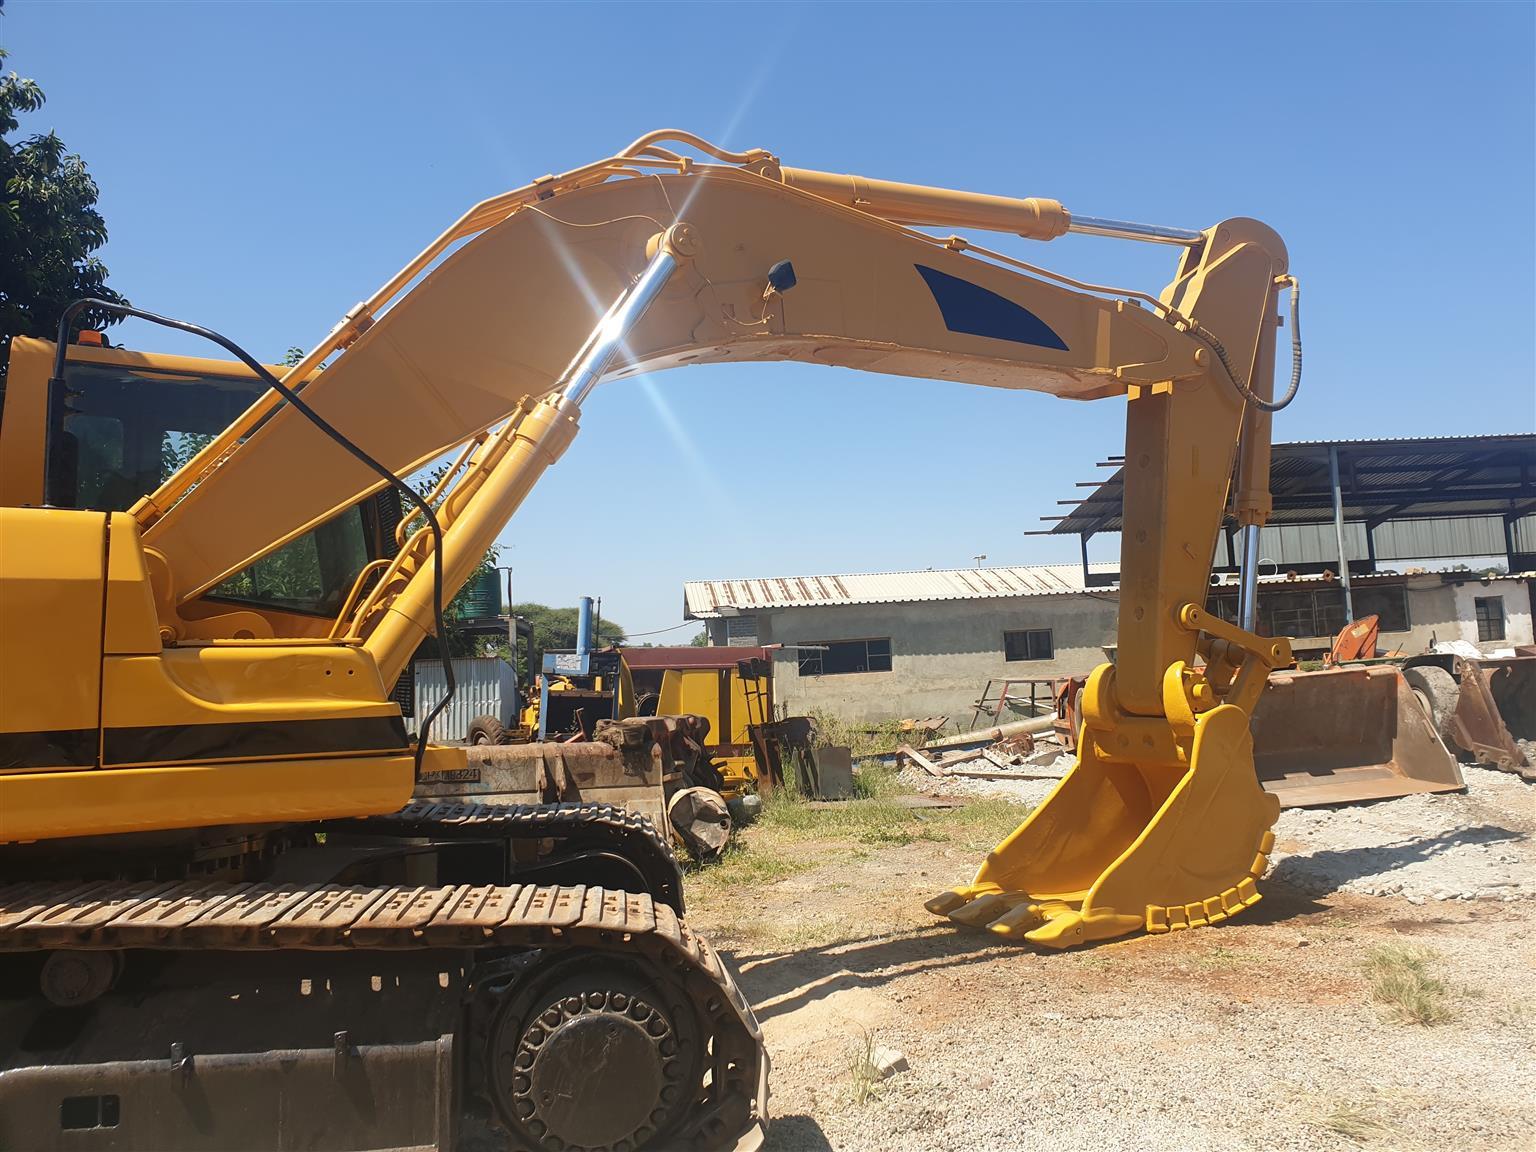 330B CAT Excavator